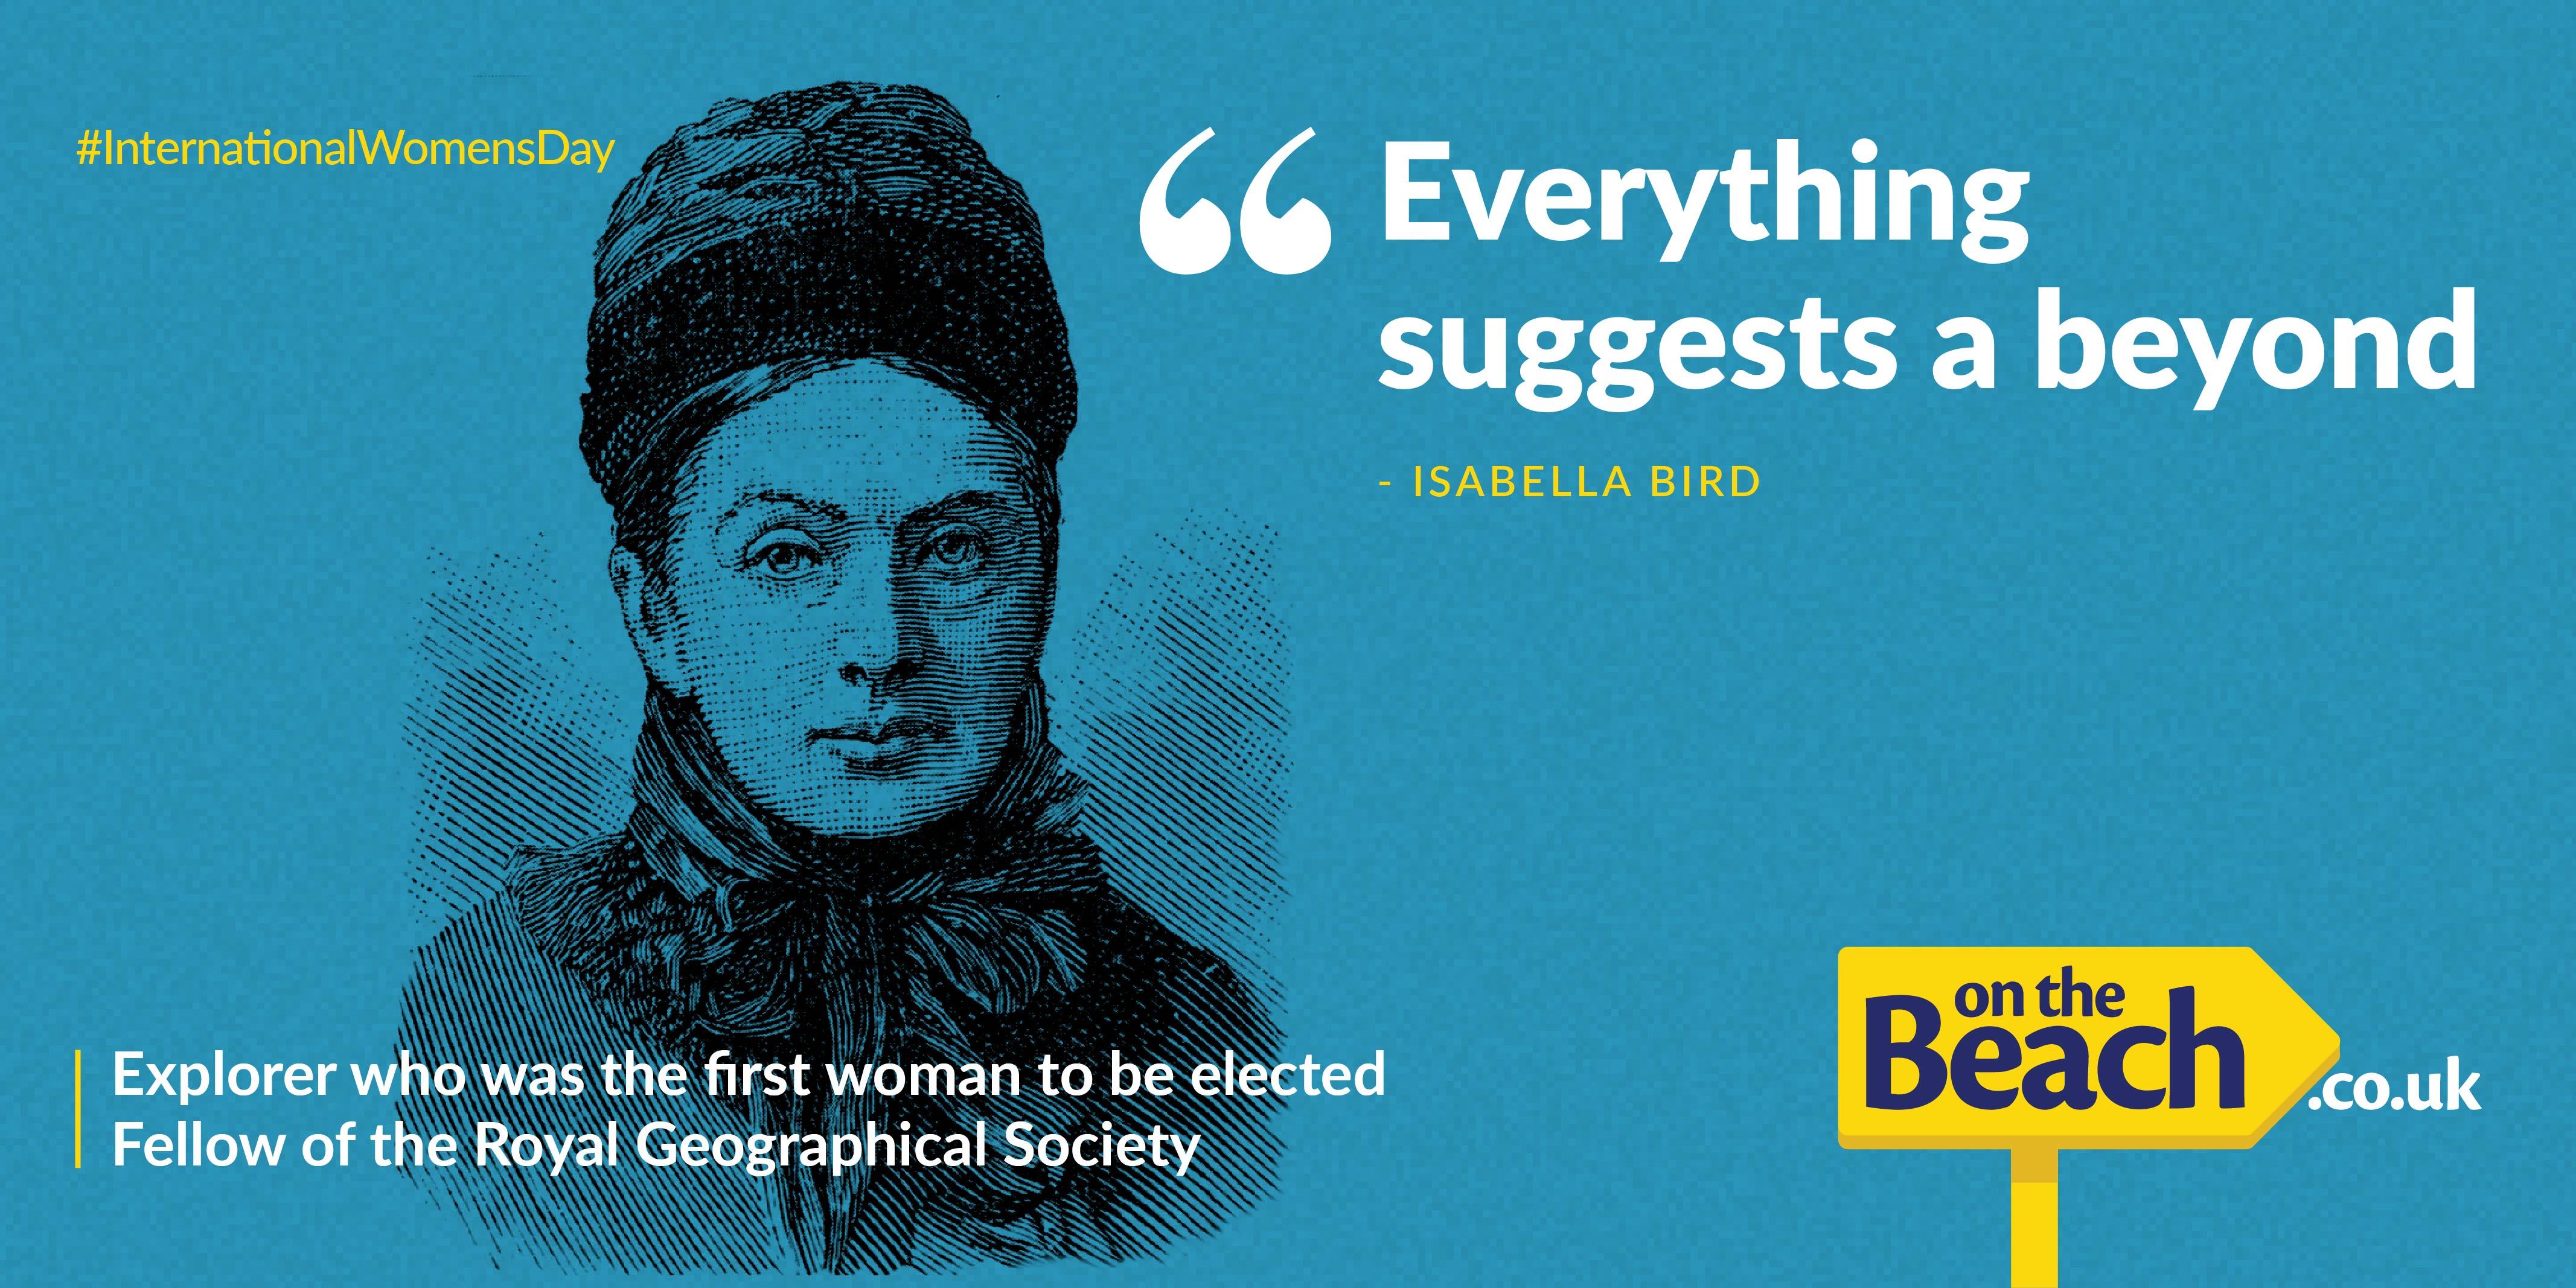 International Women's Day - Isabella Bird